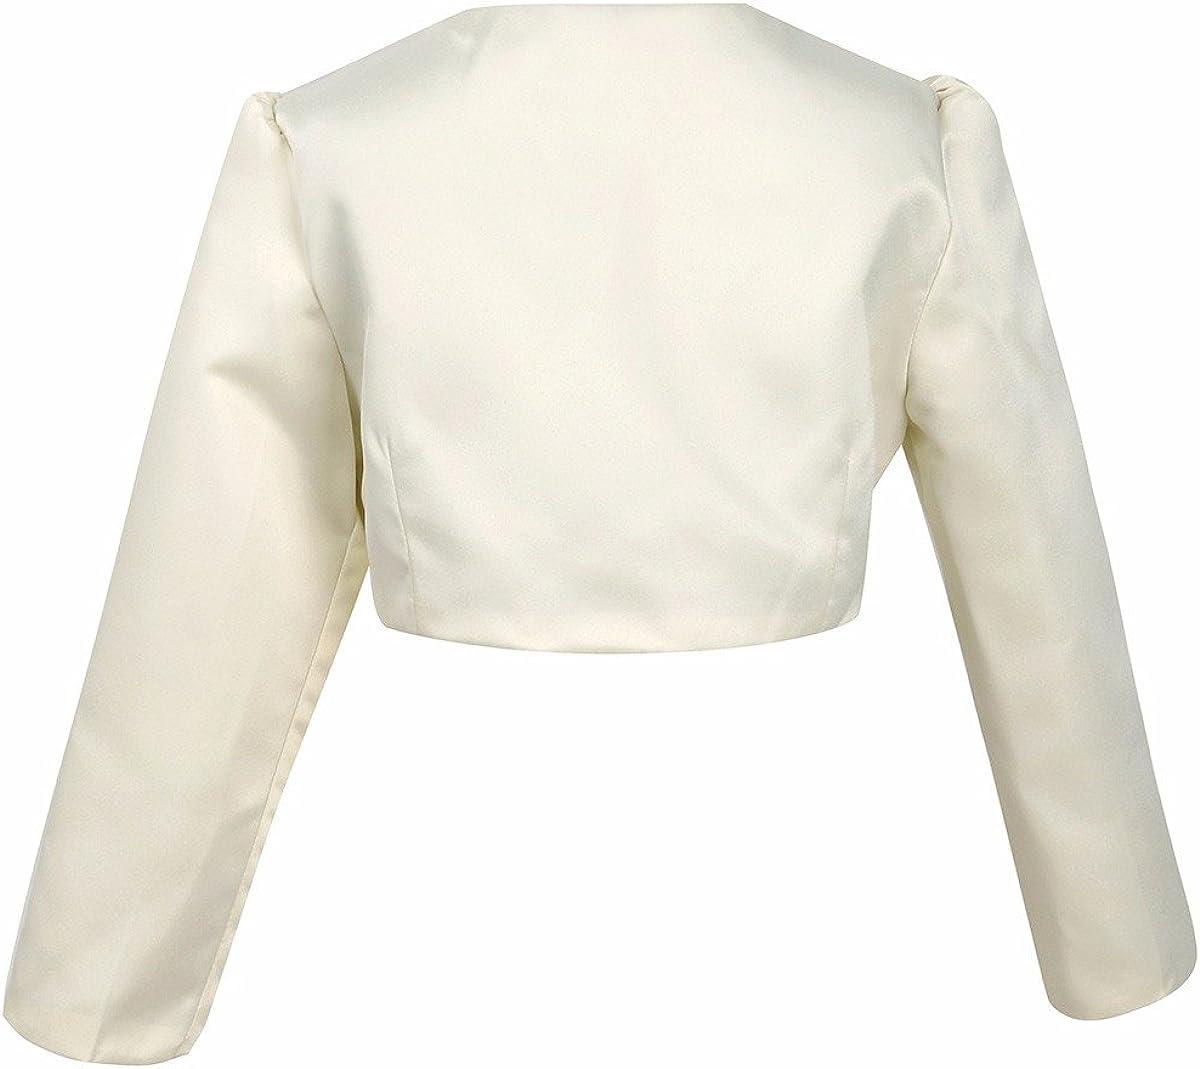 FEESHOW Kids Girls Long Sleeves Bolero Jacket Shrug Short Cardigan Sweater Wedding Prom Dress Cover Up